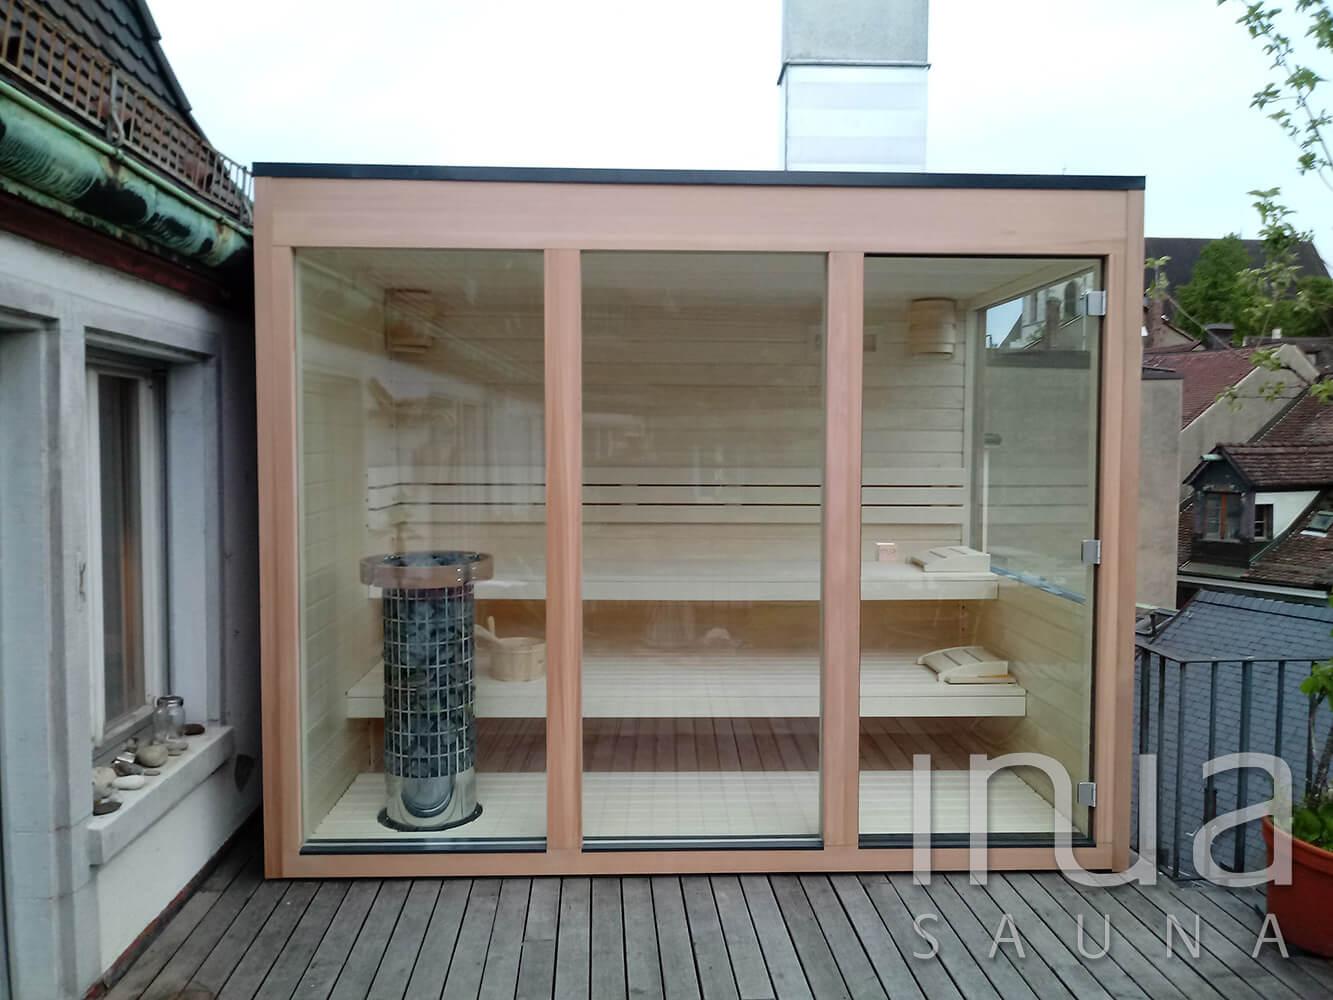 Egyedi gyártású kültéri finn szauna Basel városában, egy tetőteraszon.